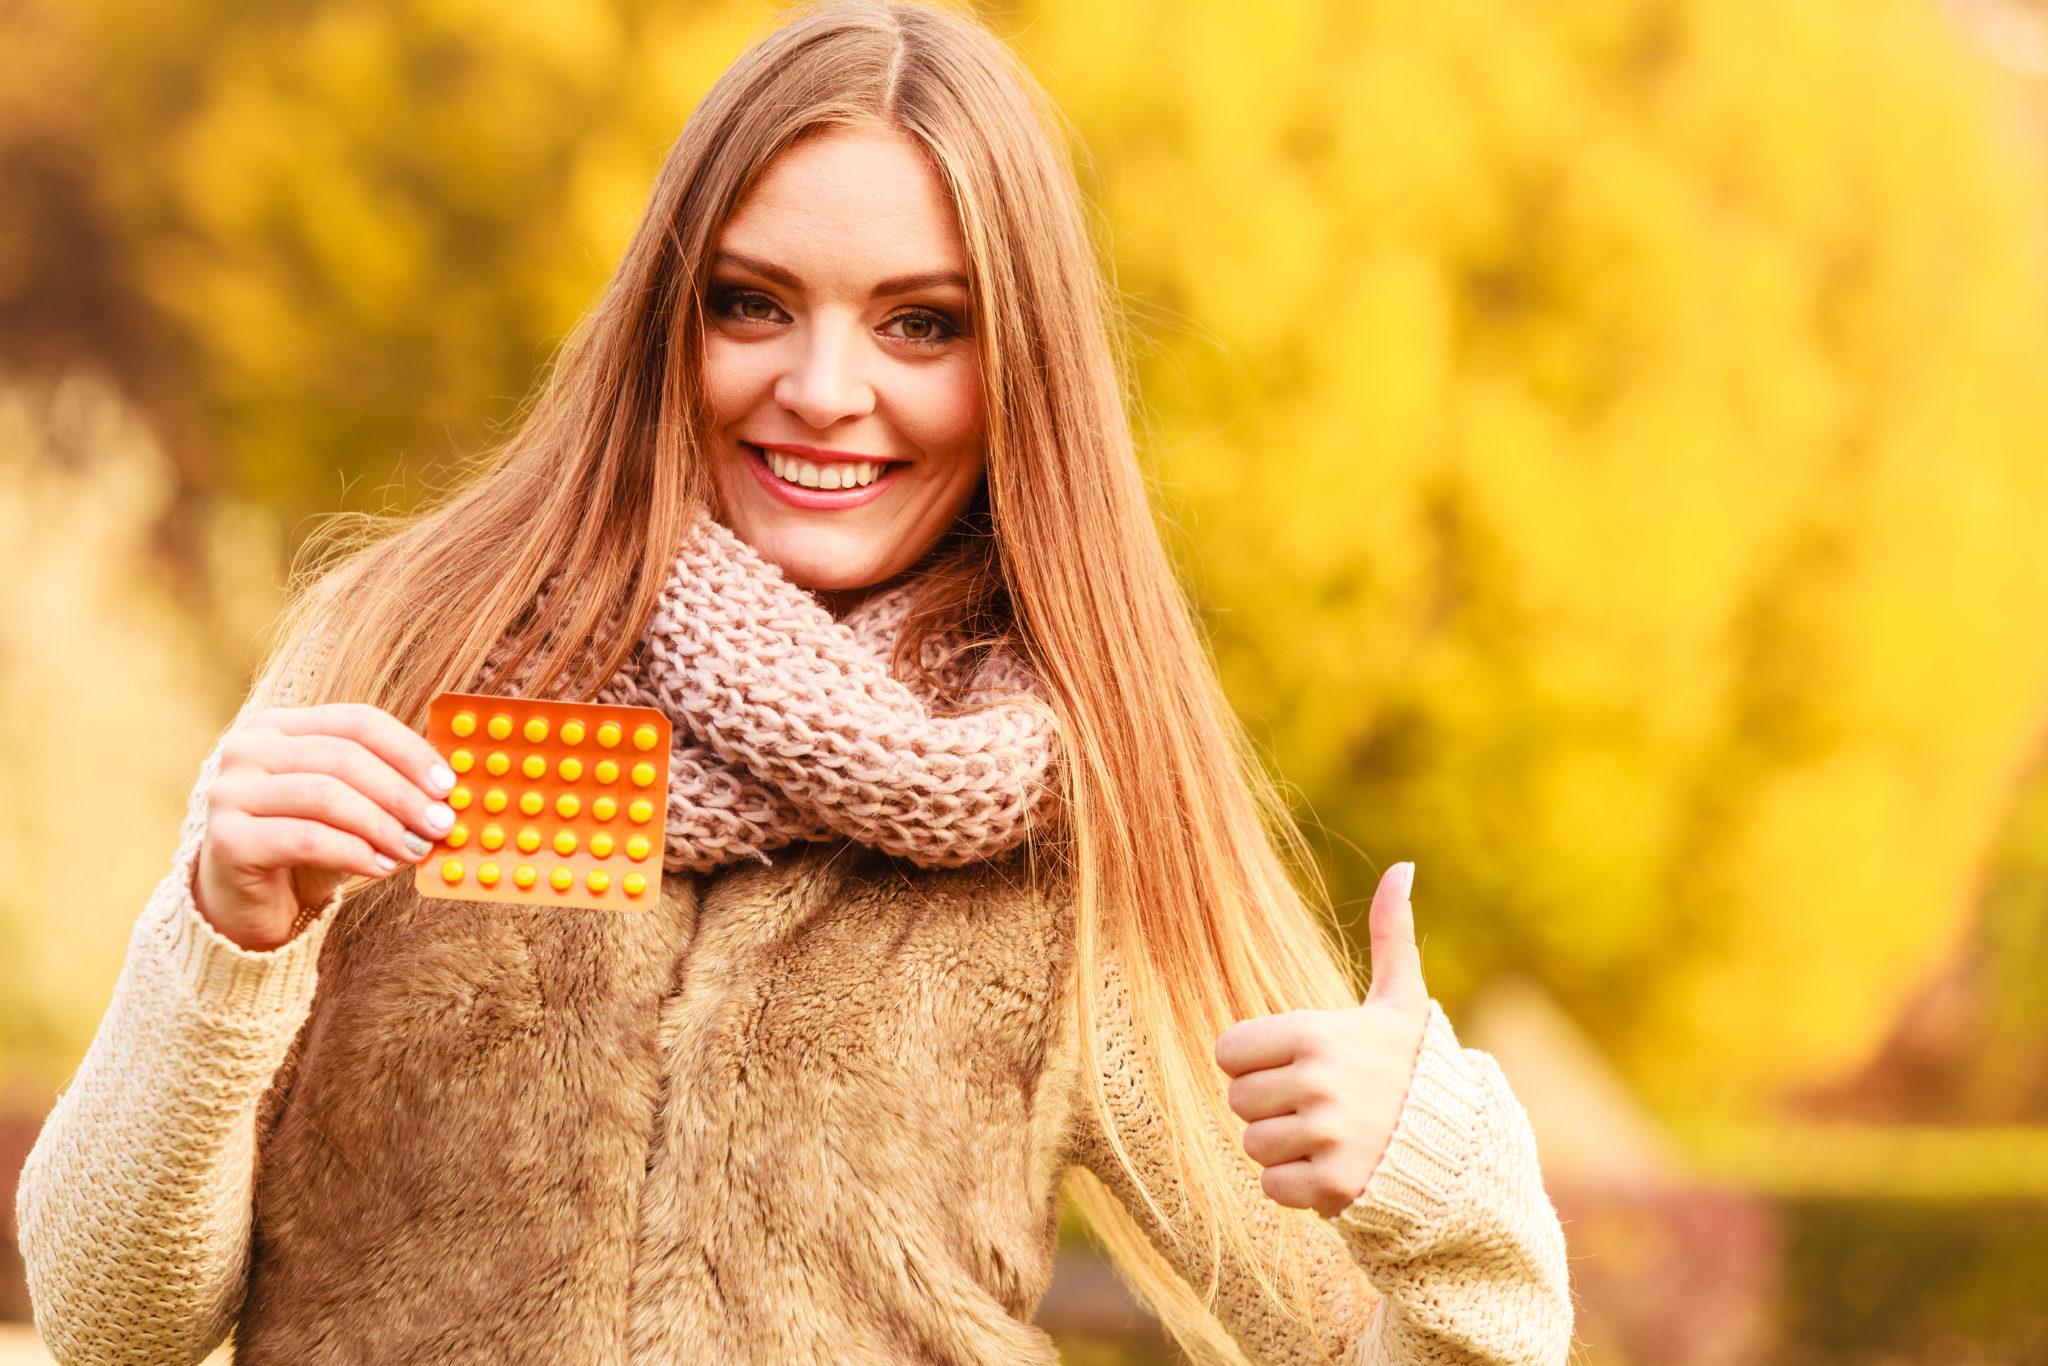 Vitamina C.  Perchè non è una FAKE NEWS: ecco tutte le Prove Scientifiche